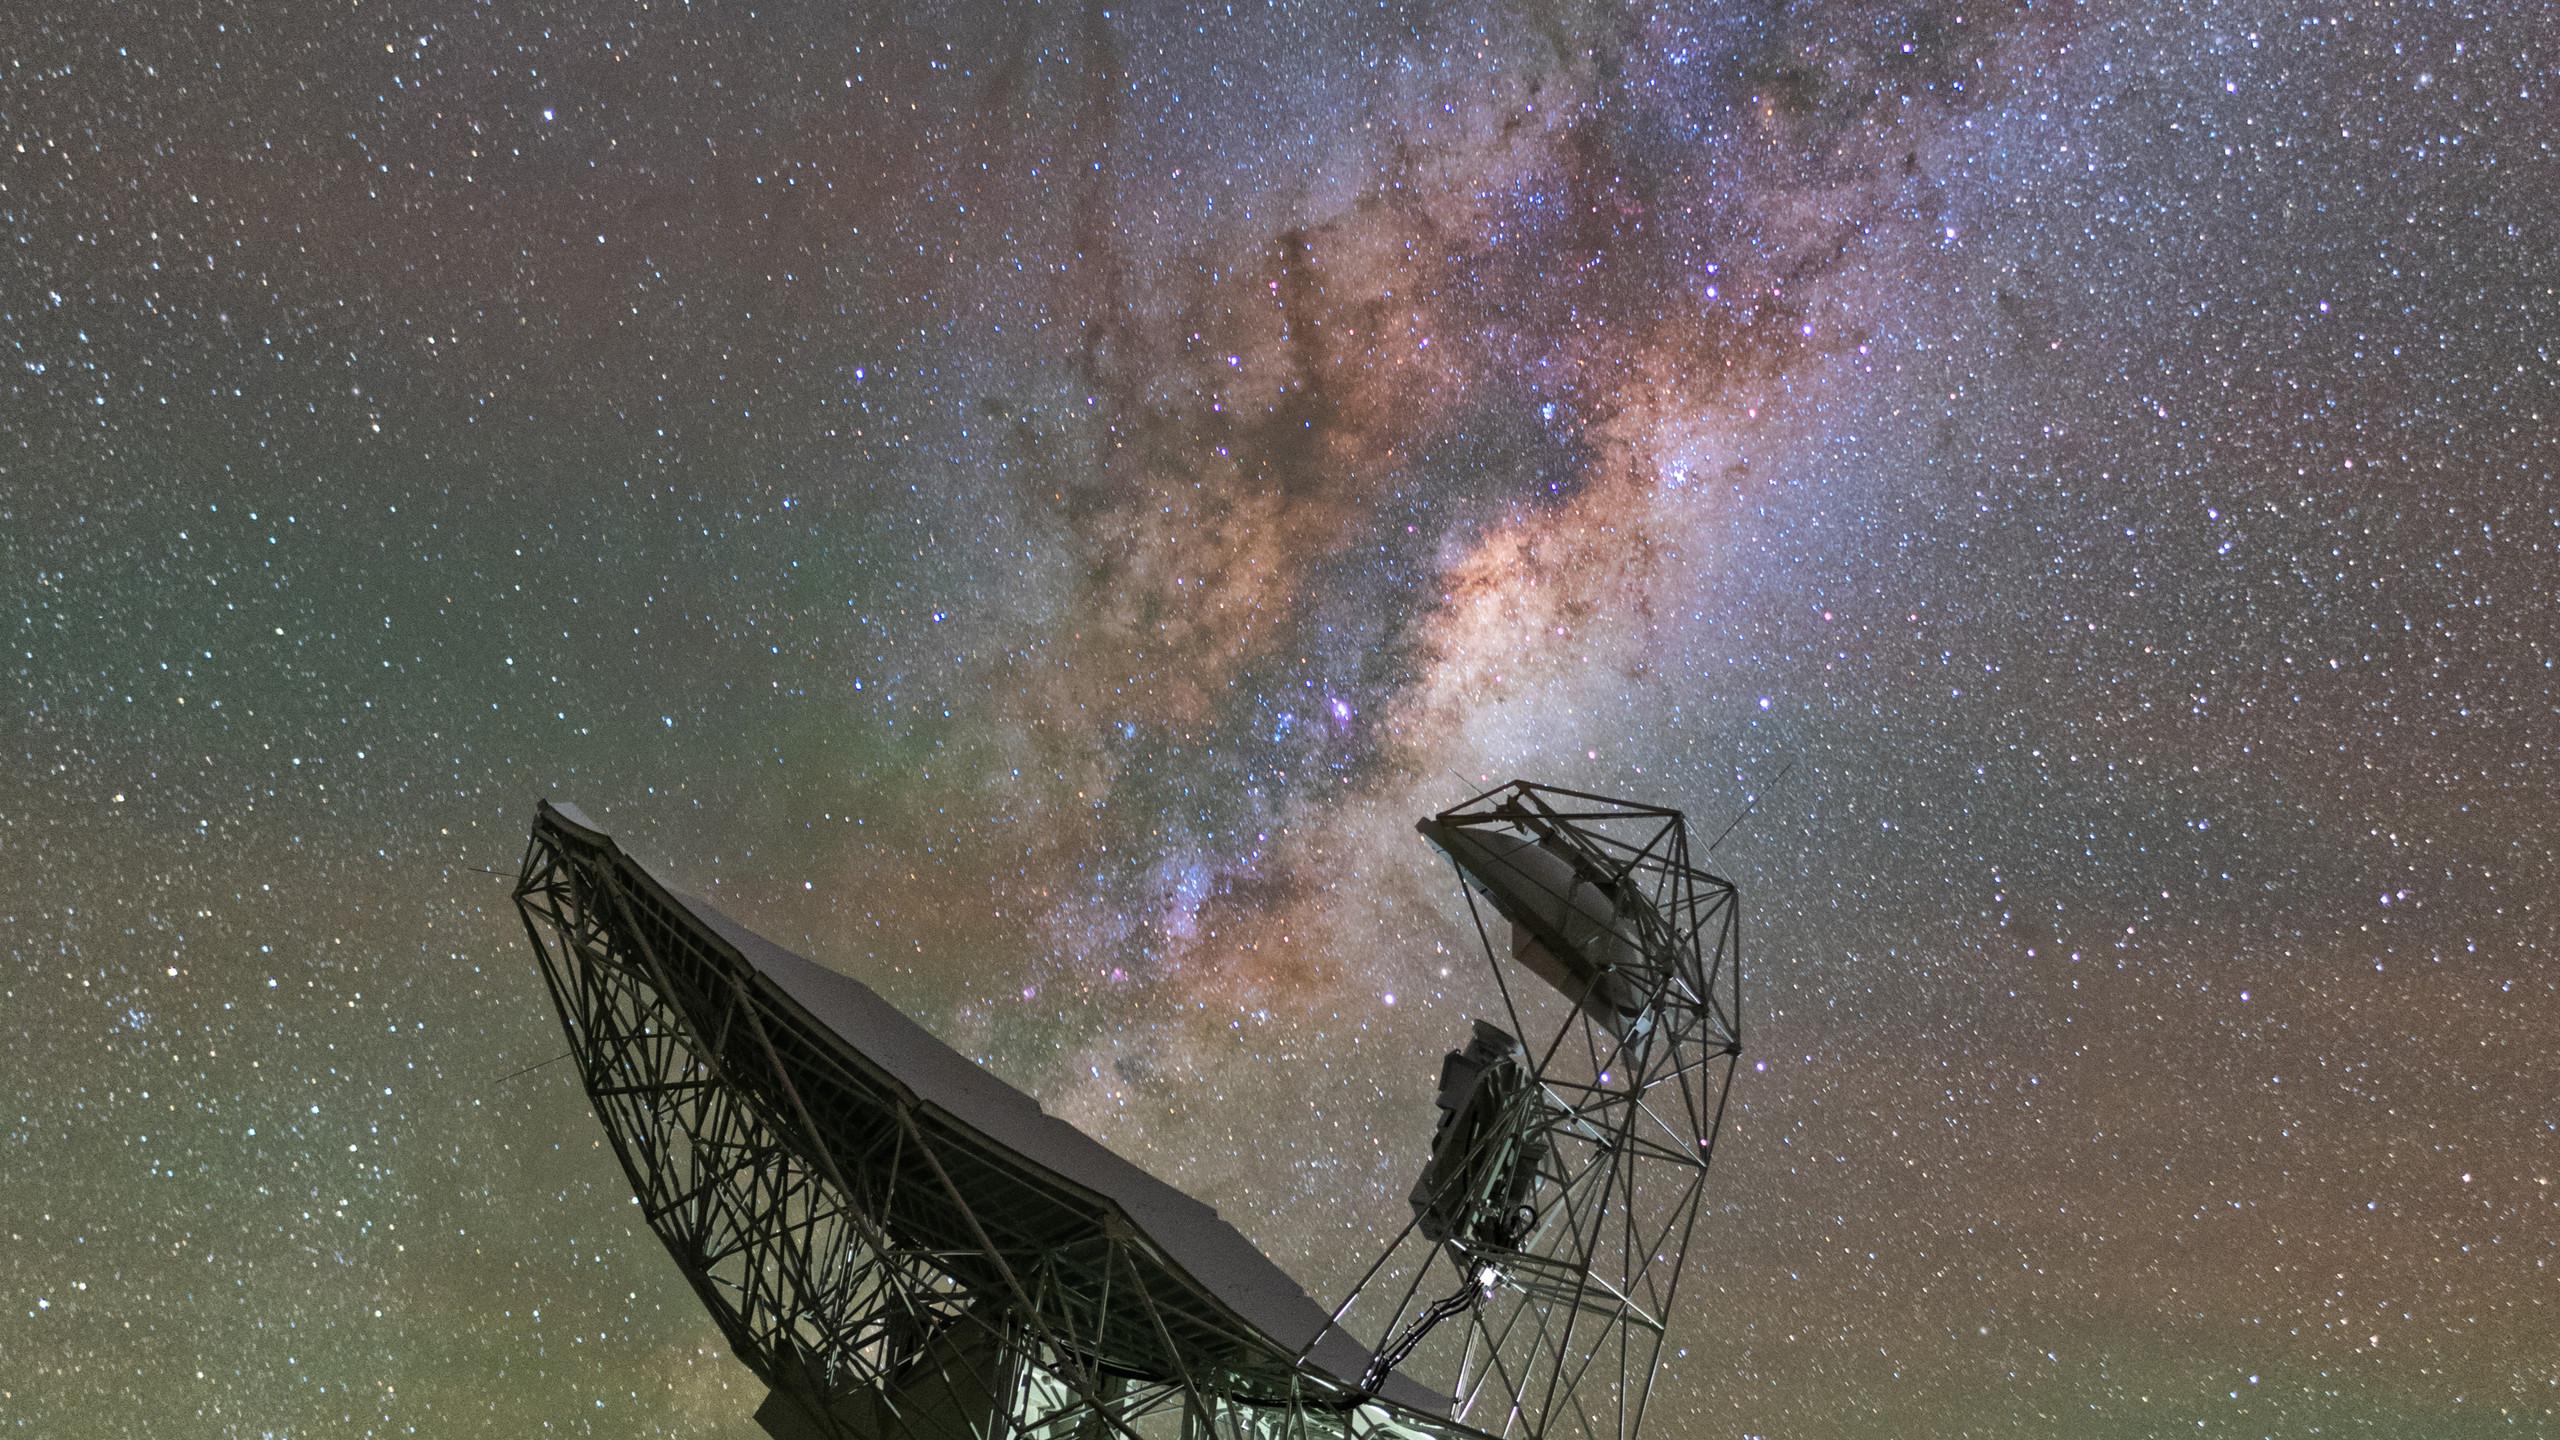 Milky Way above Meerkat dish.